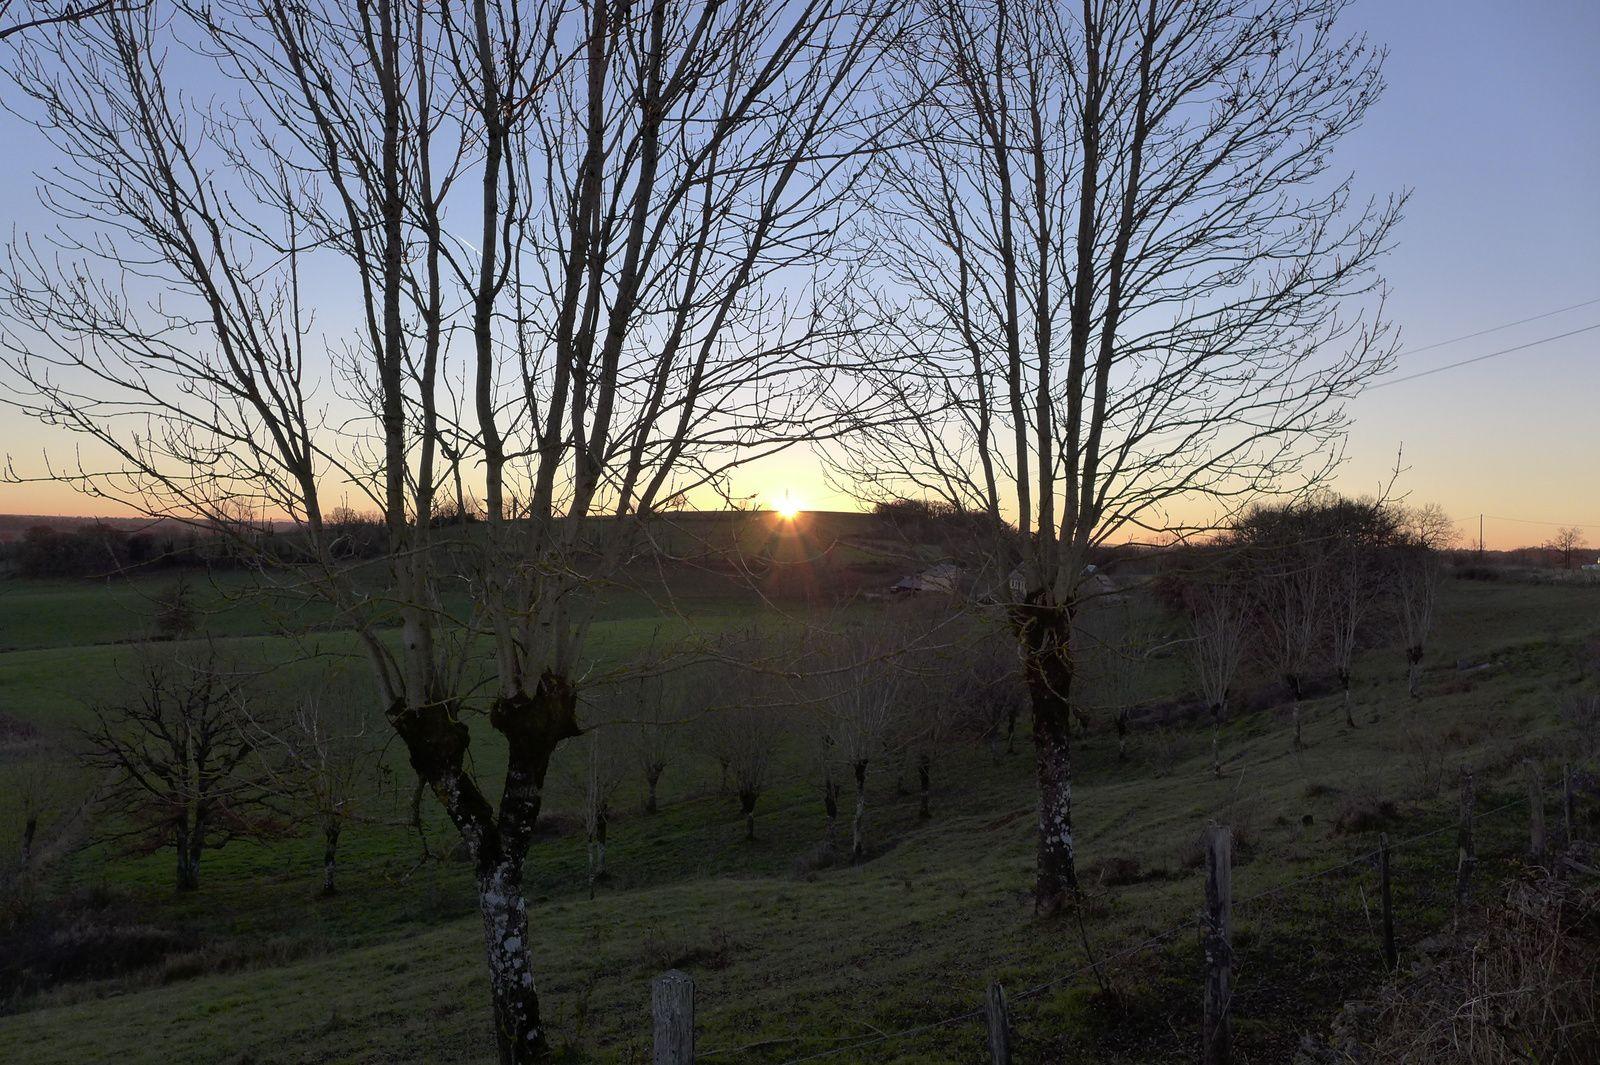 Fin de randonnée avec le soleil couchant.